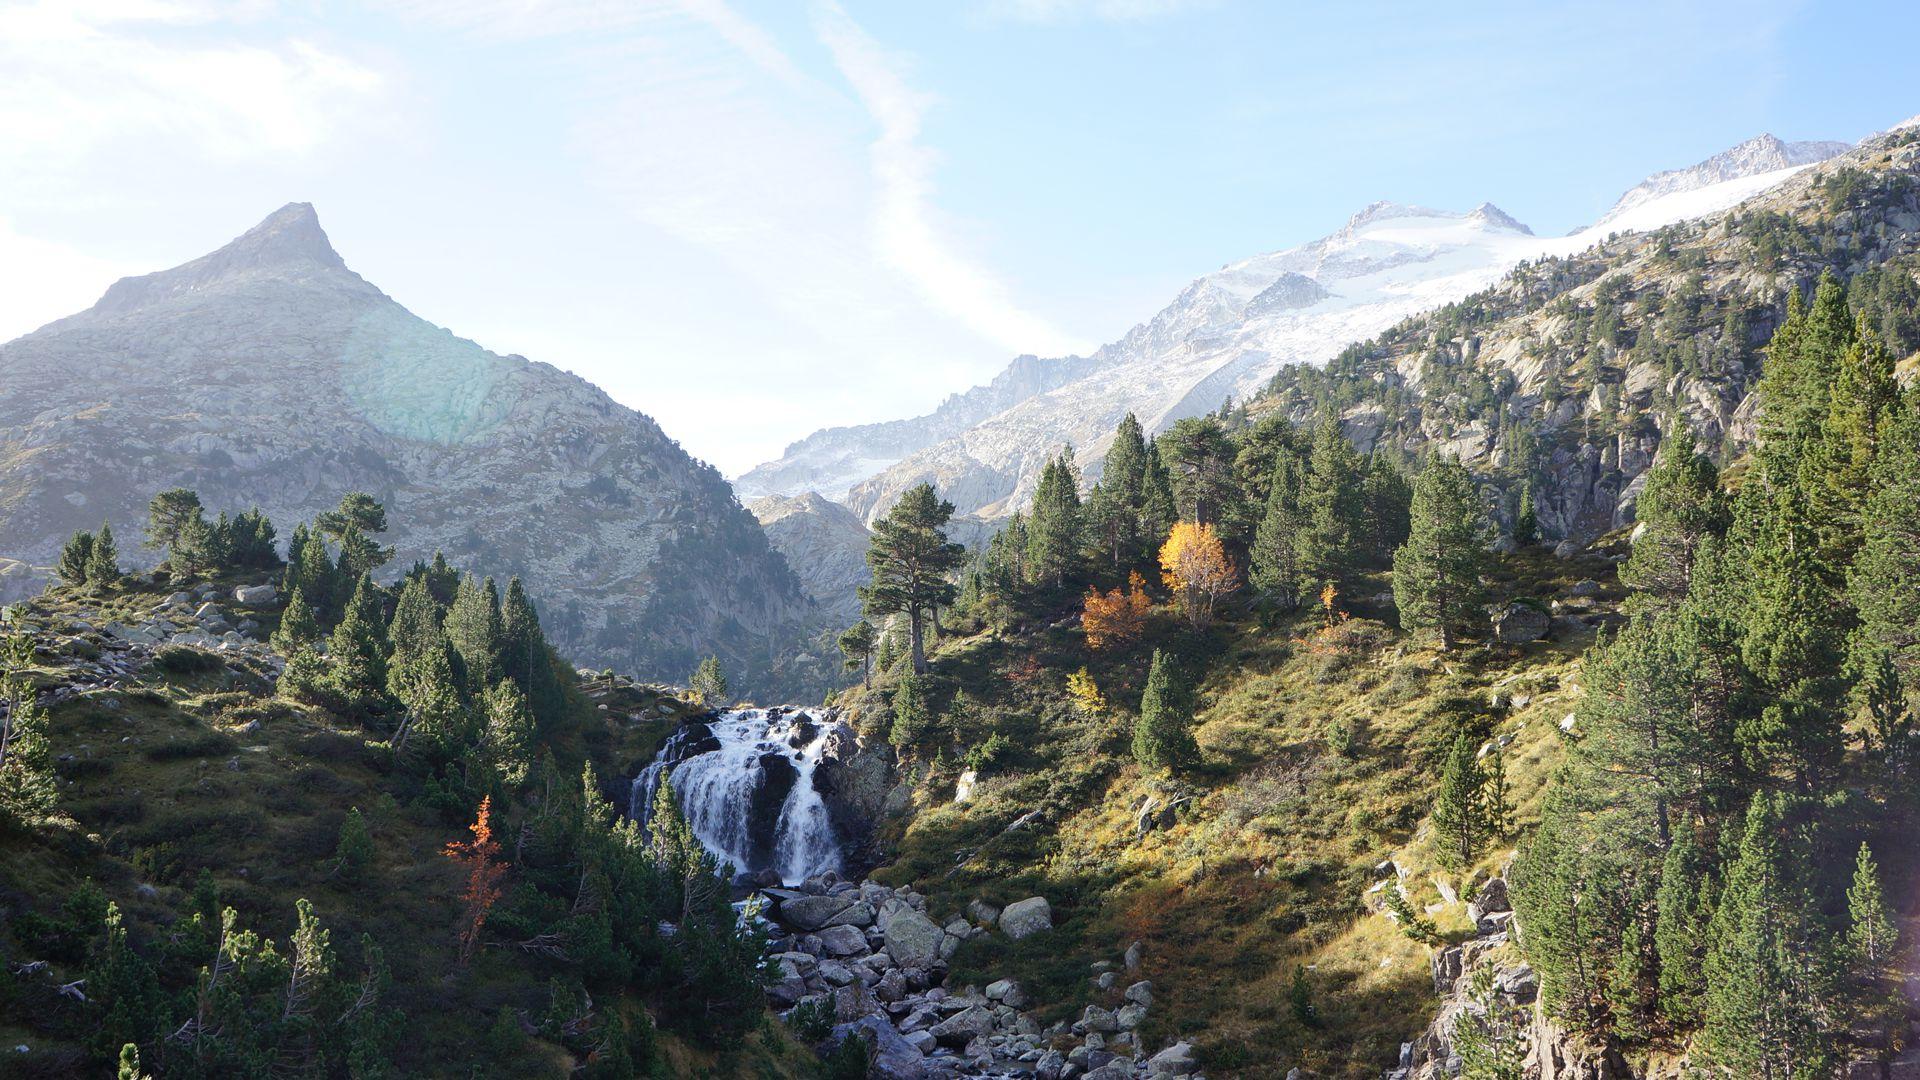 Parque Natural de Posets Maladeta (Huesca) - Pirineo Aragonés